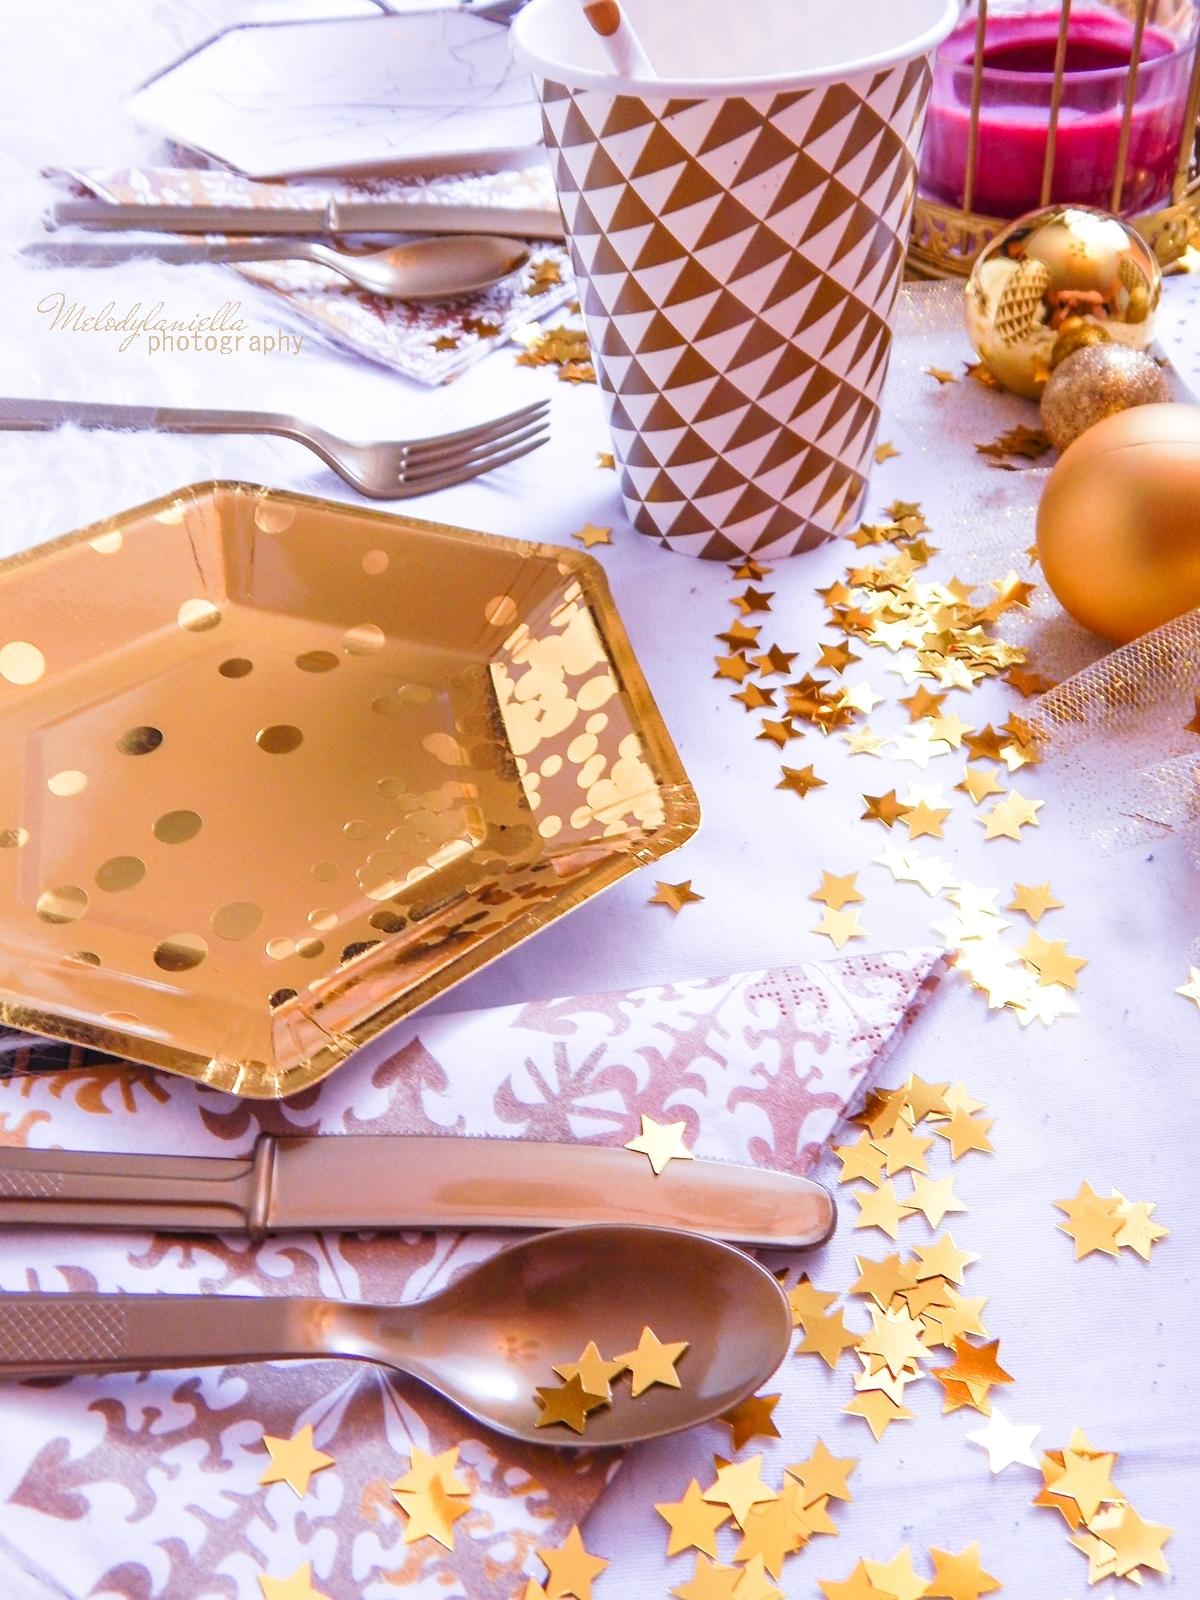 8 jak udekorować stół na imprezę dekoracja stołu karnawałowego świątecznego weselnego urodzinowego dekoracje dodatki partybox.pl partybox sklep z dodatkami na imprezy ciekawe gadżety